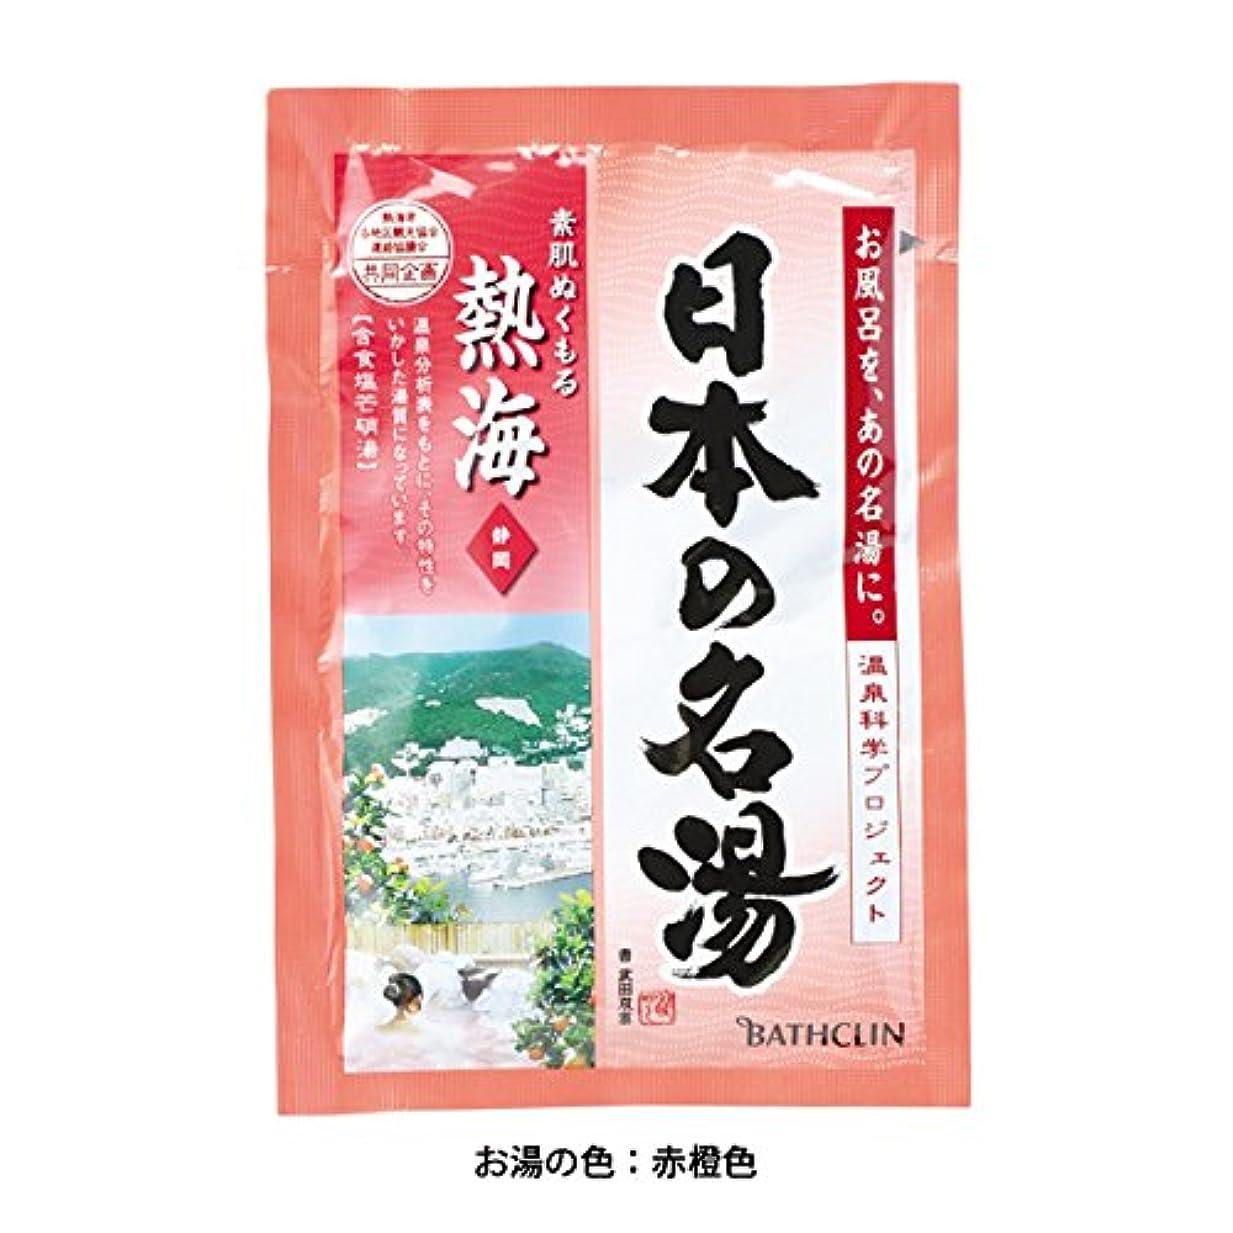 推進、動かす求める授業料(内野)UCHINO スフ 日本の名湯(熱海 静岡)